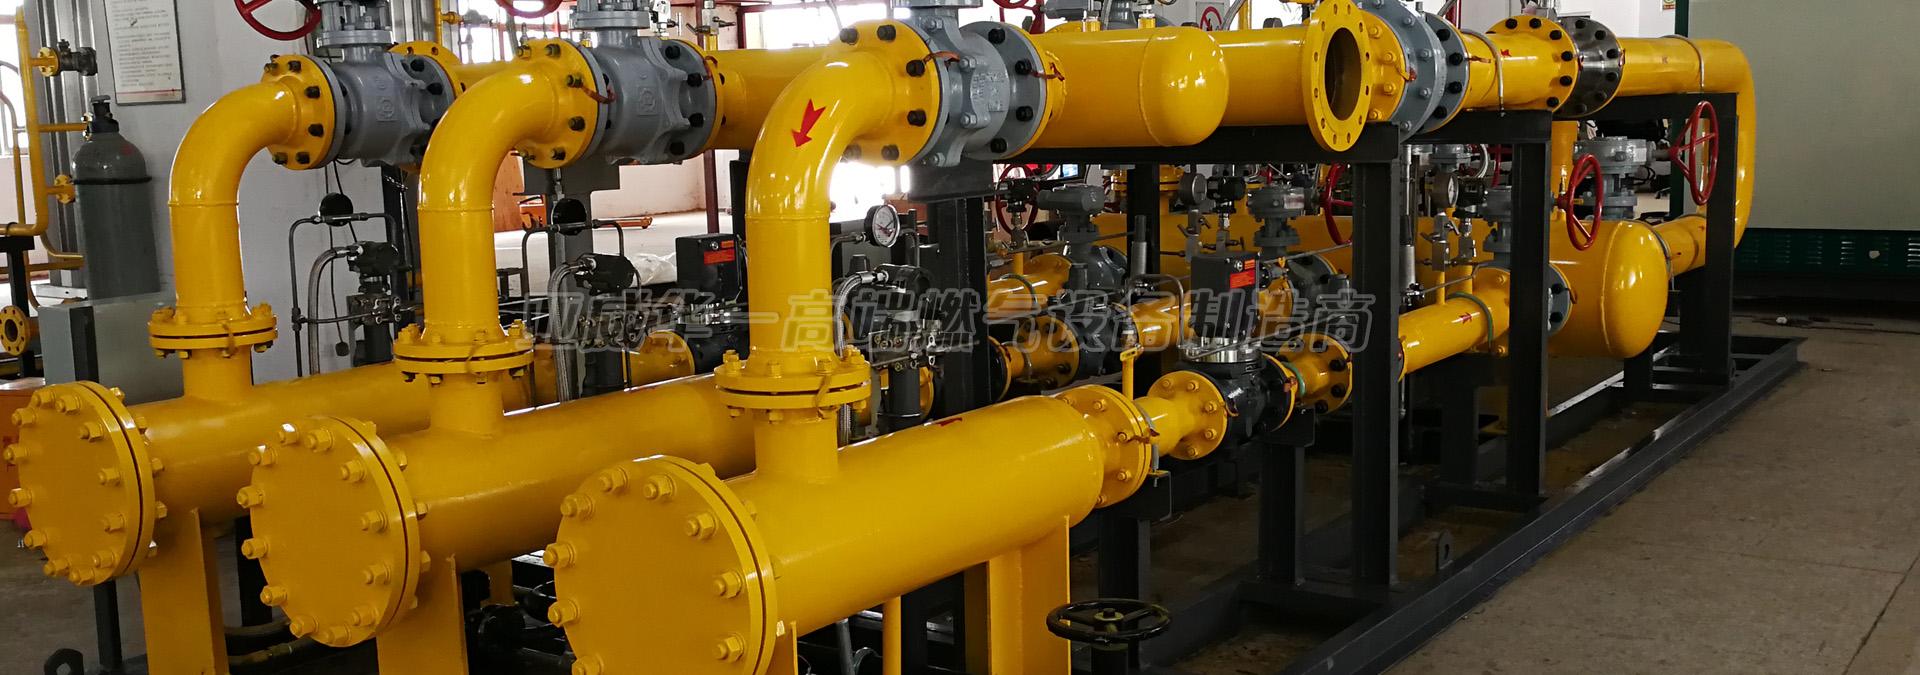 亚威华为首钢启动能源站提供天然气亚搏在线登录柜、亚搏体育网站亚搏在线登录撬